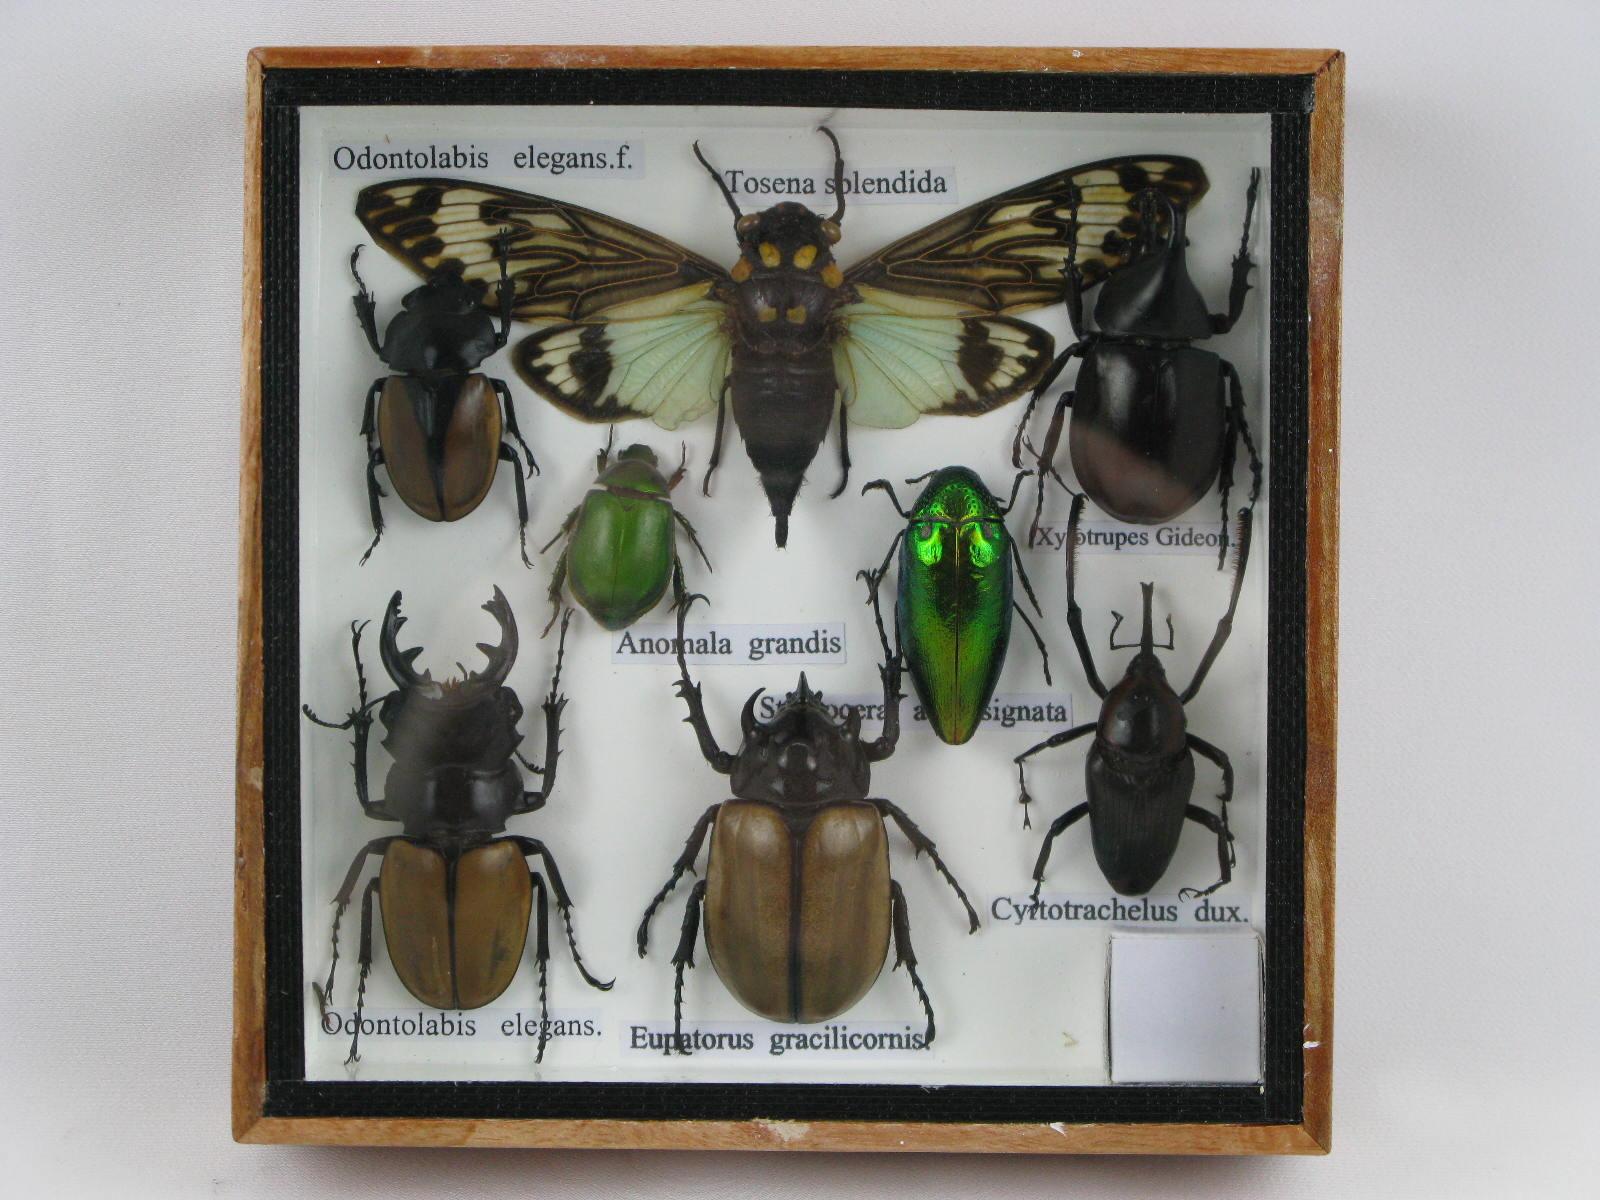 8 echte exotische insekten einmalig im schaukasten aus. Black Bedroom Furniture Sets. Home Design Ideas